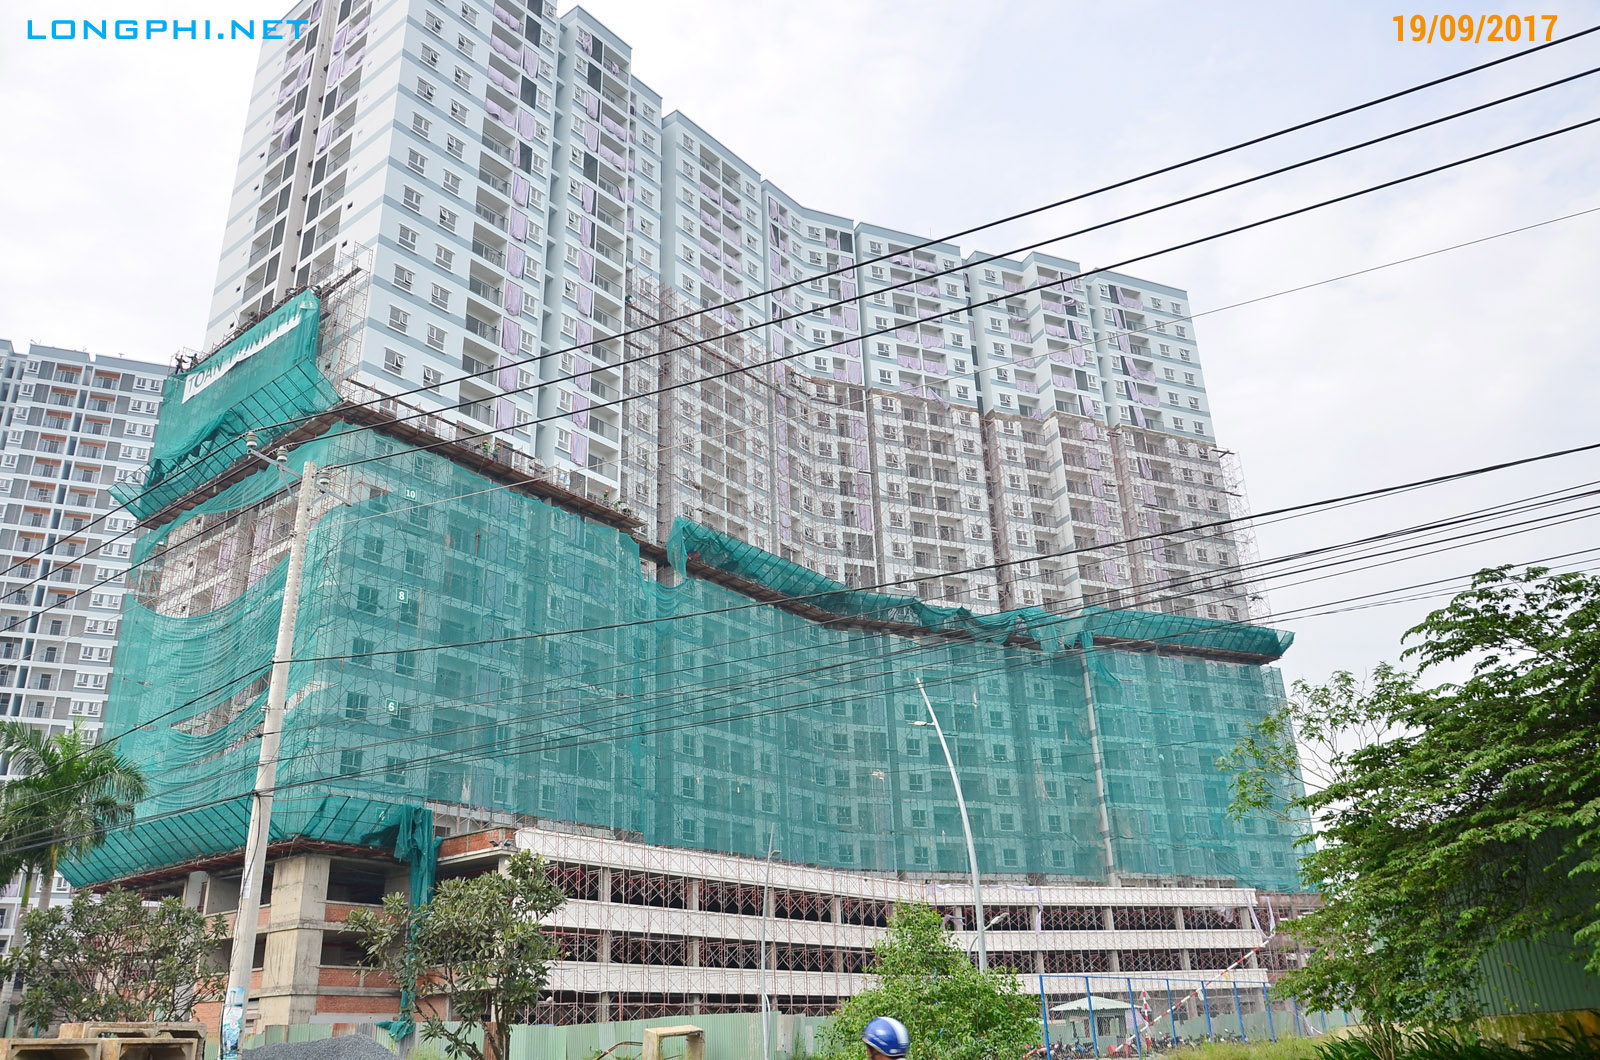 Mặt ngoài tháp Bắc M1 Jamona Apartment - Luxury Home. Tiến độ 19/09/2017.